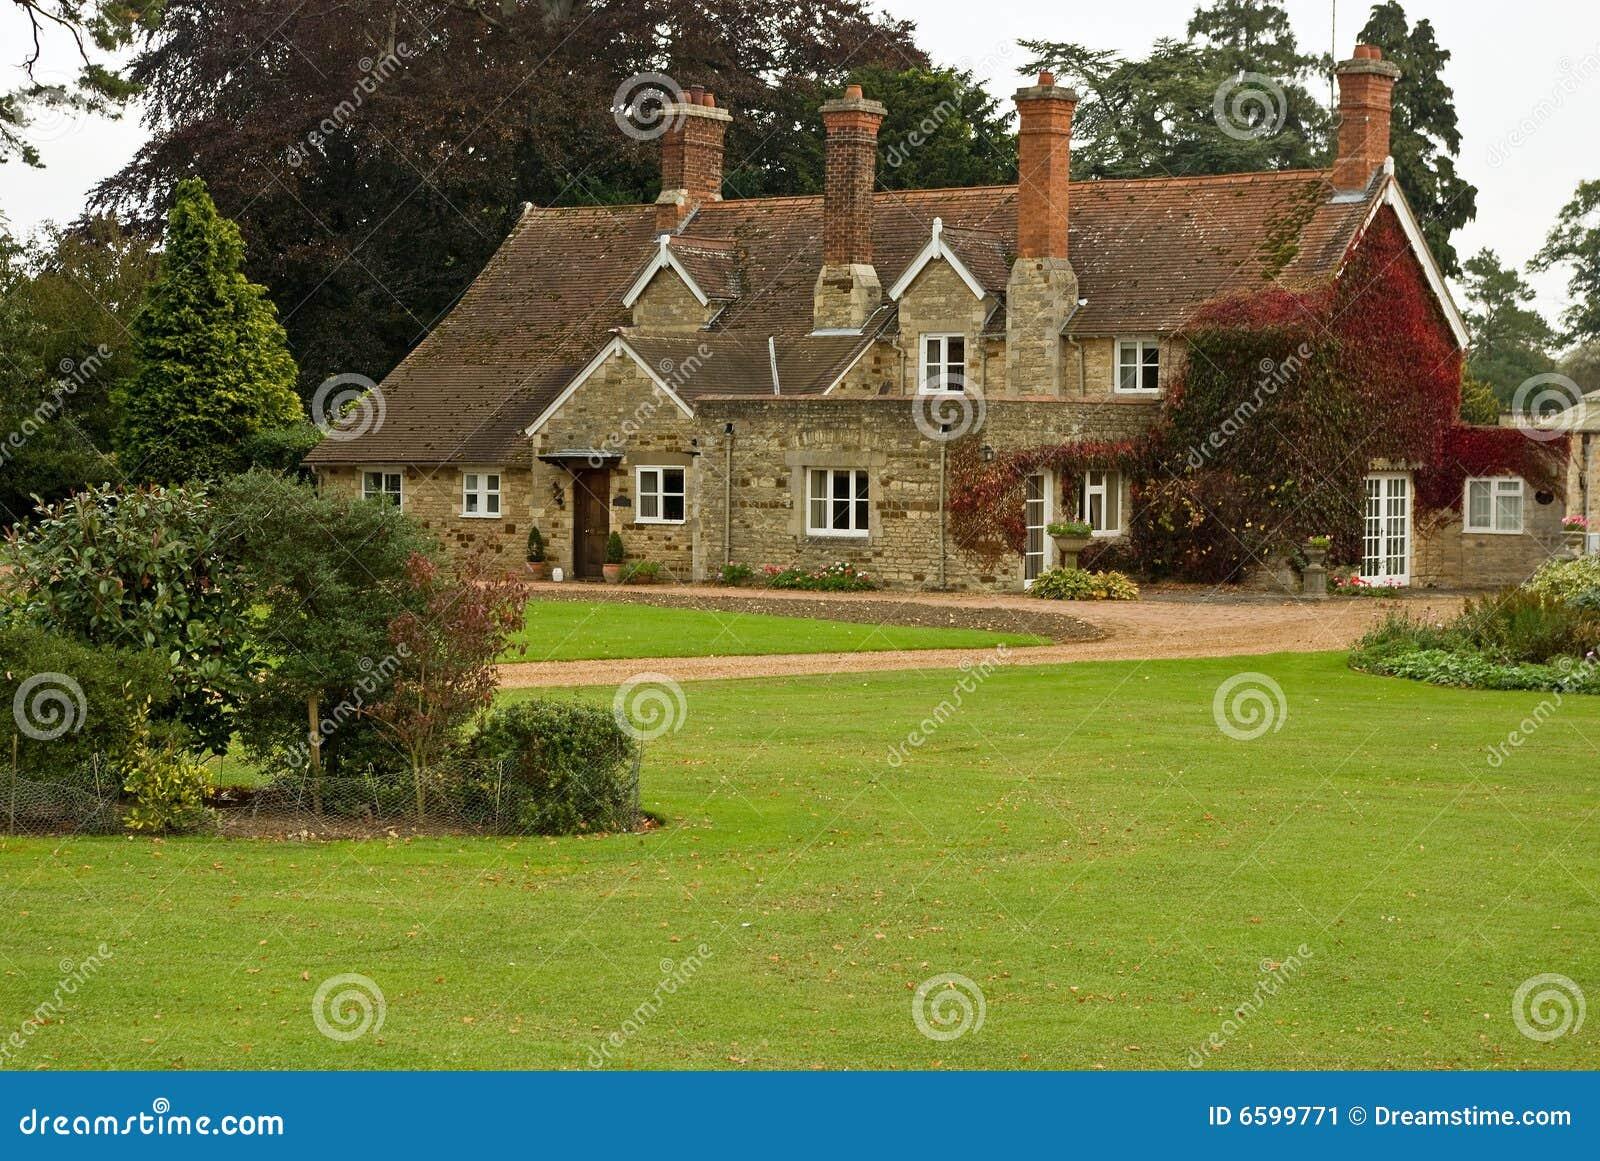 Casa di campagna inglese immagine stock immagine 6599771 for Scaffali di campagna francese